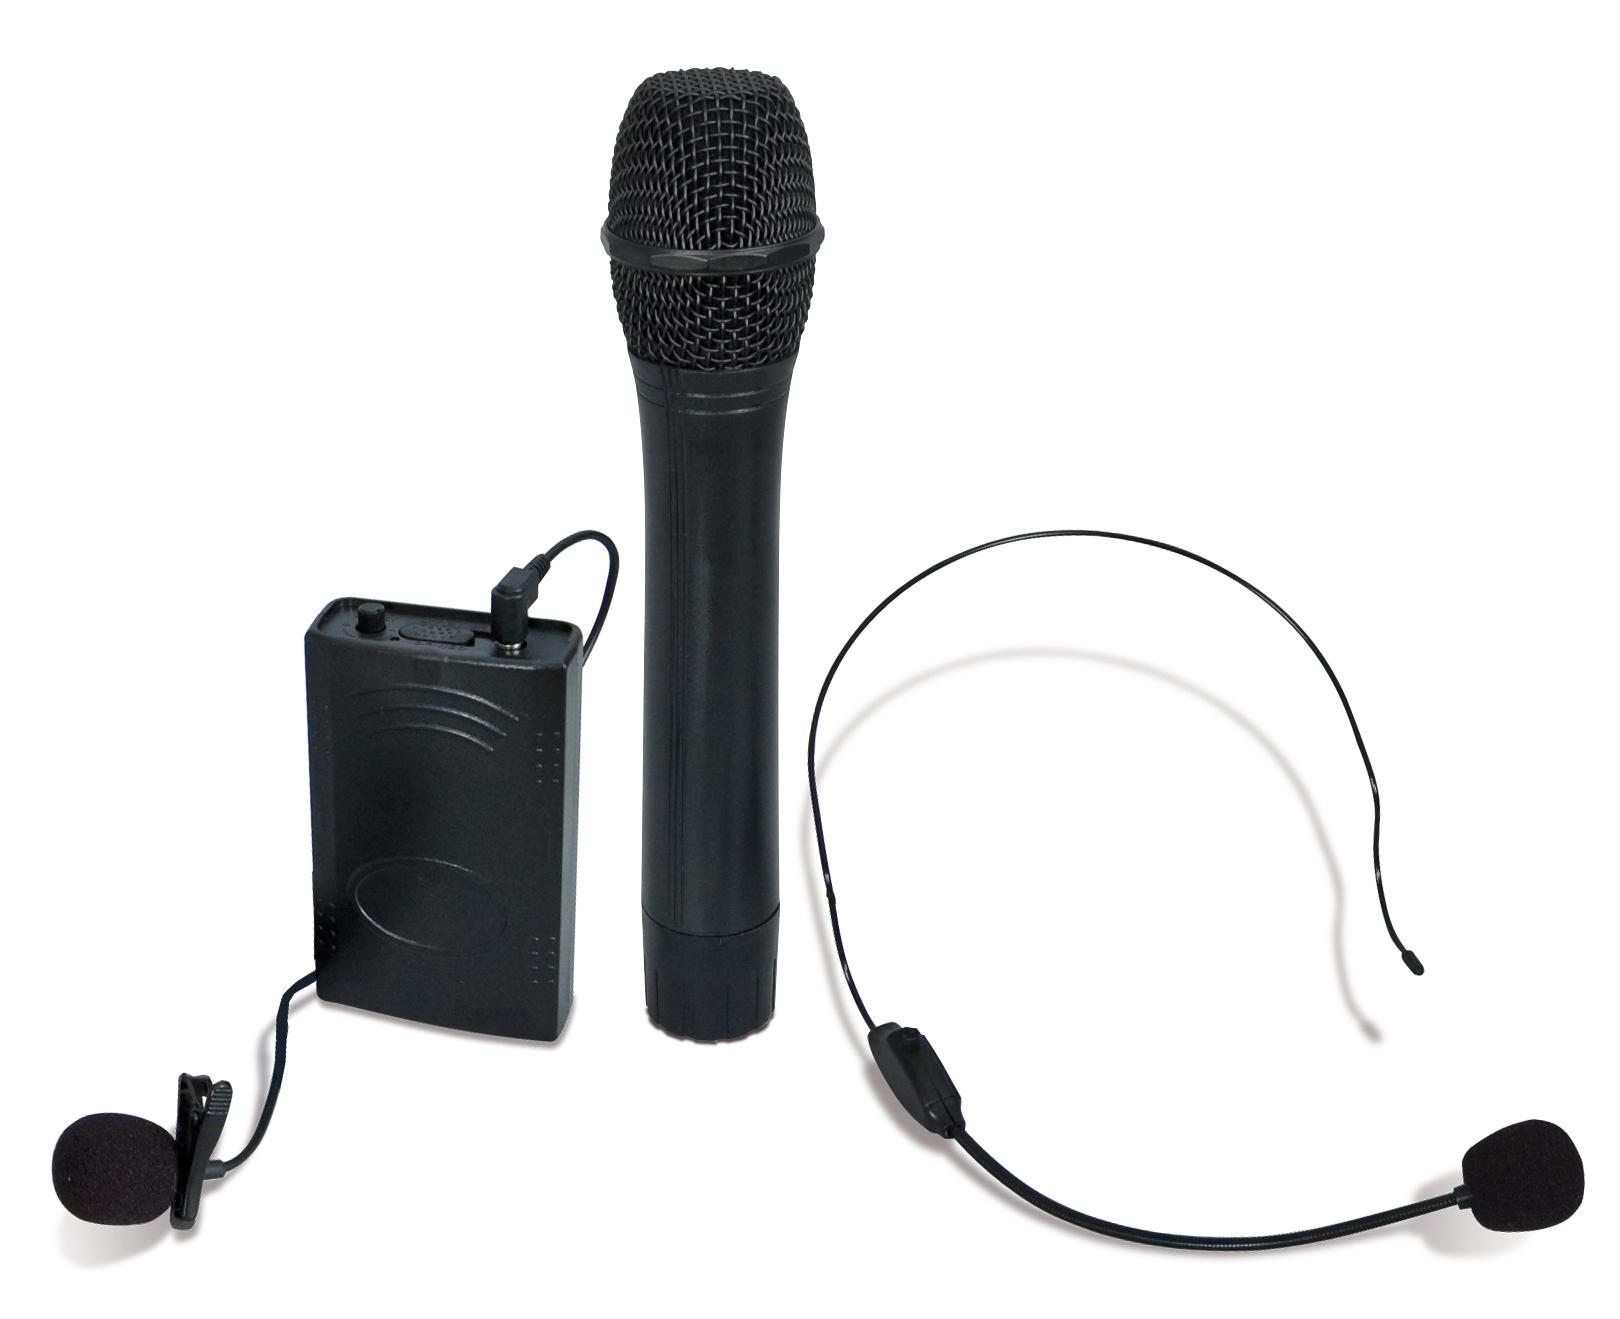 WAP 850 Microfonos